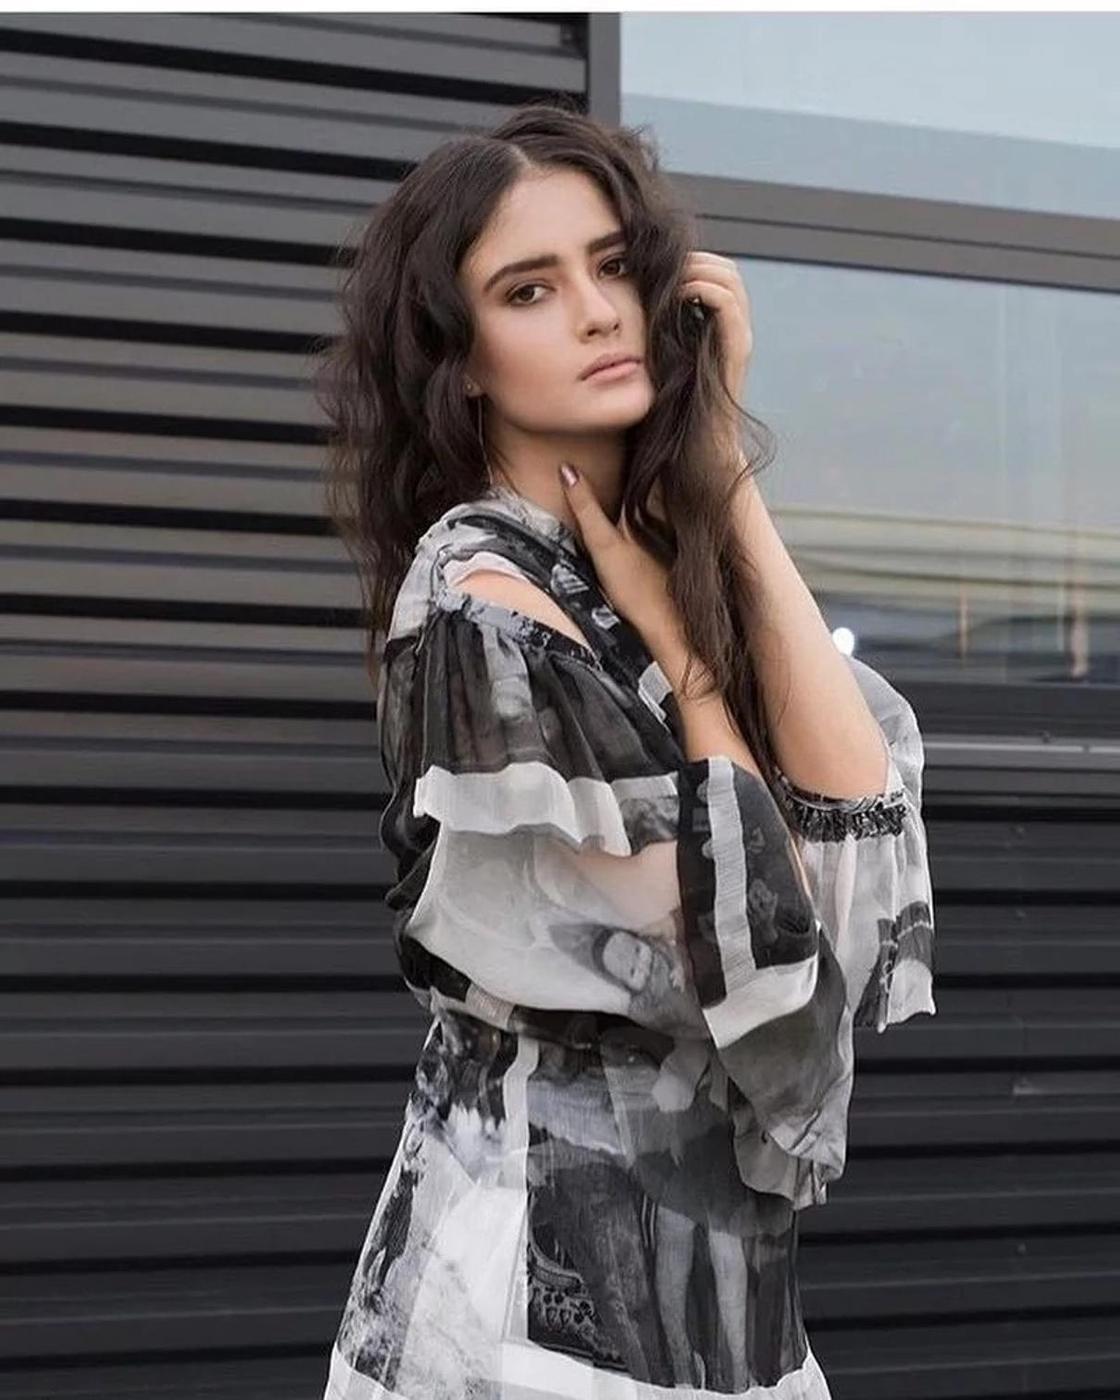 Алматы және Алматы облысы: Краснопольская Алина, 18 жаста (5505 дауыс) - Miss Virtual Almaty